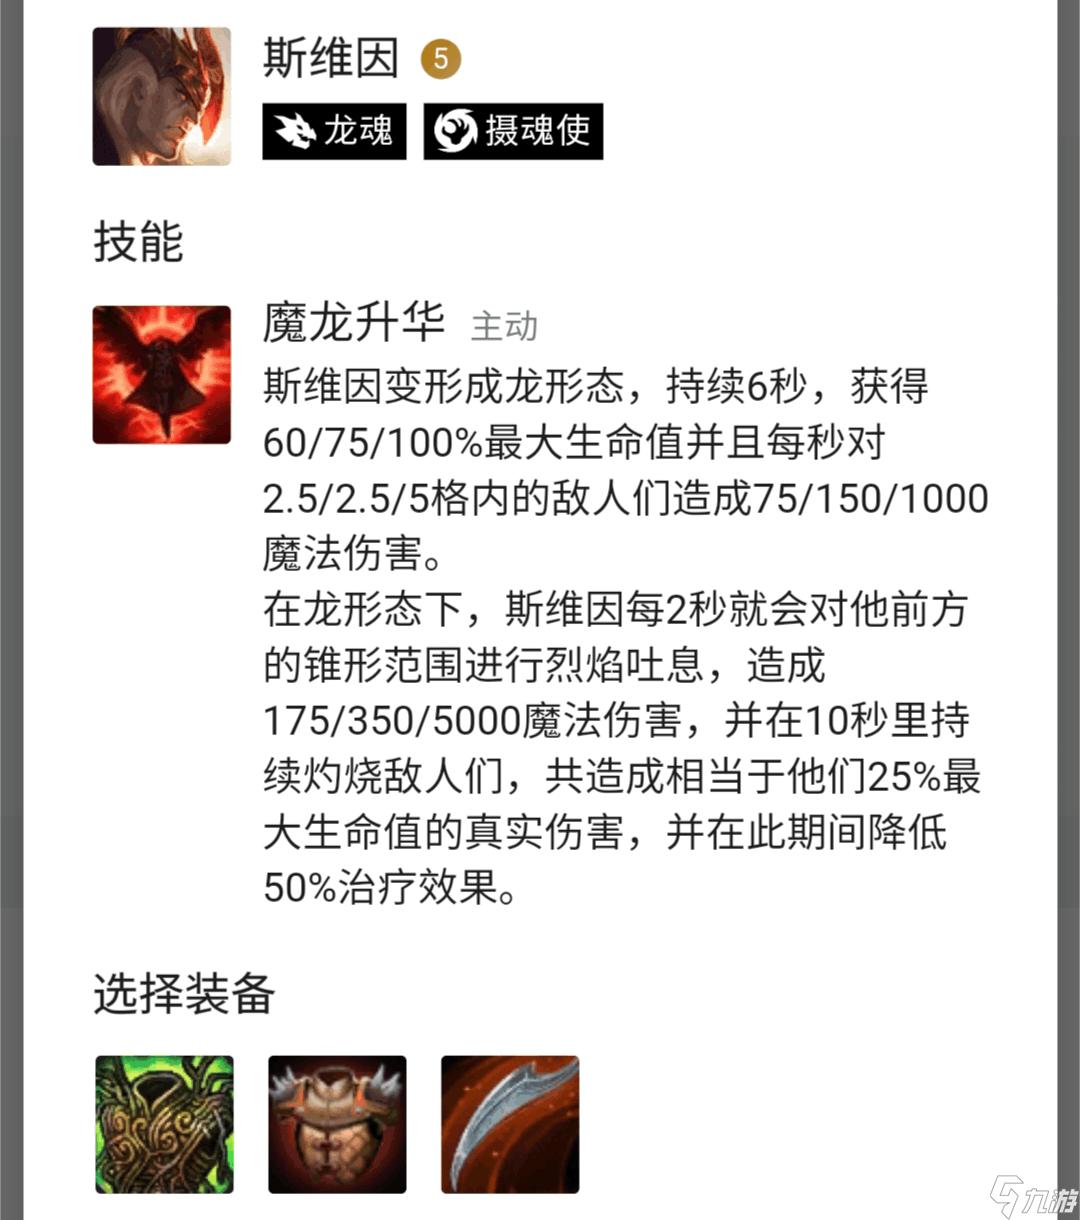 云顶之弈手游11.4玉剑摄魂怎么玩 玉剑摄魂阵容介绍